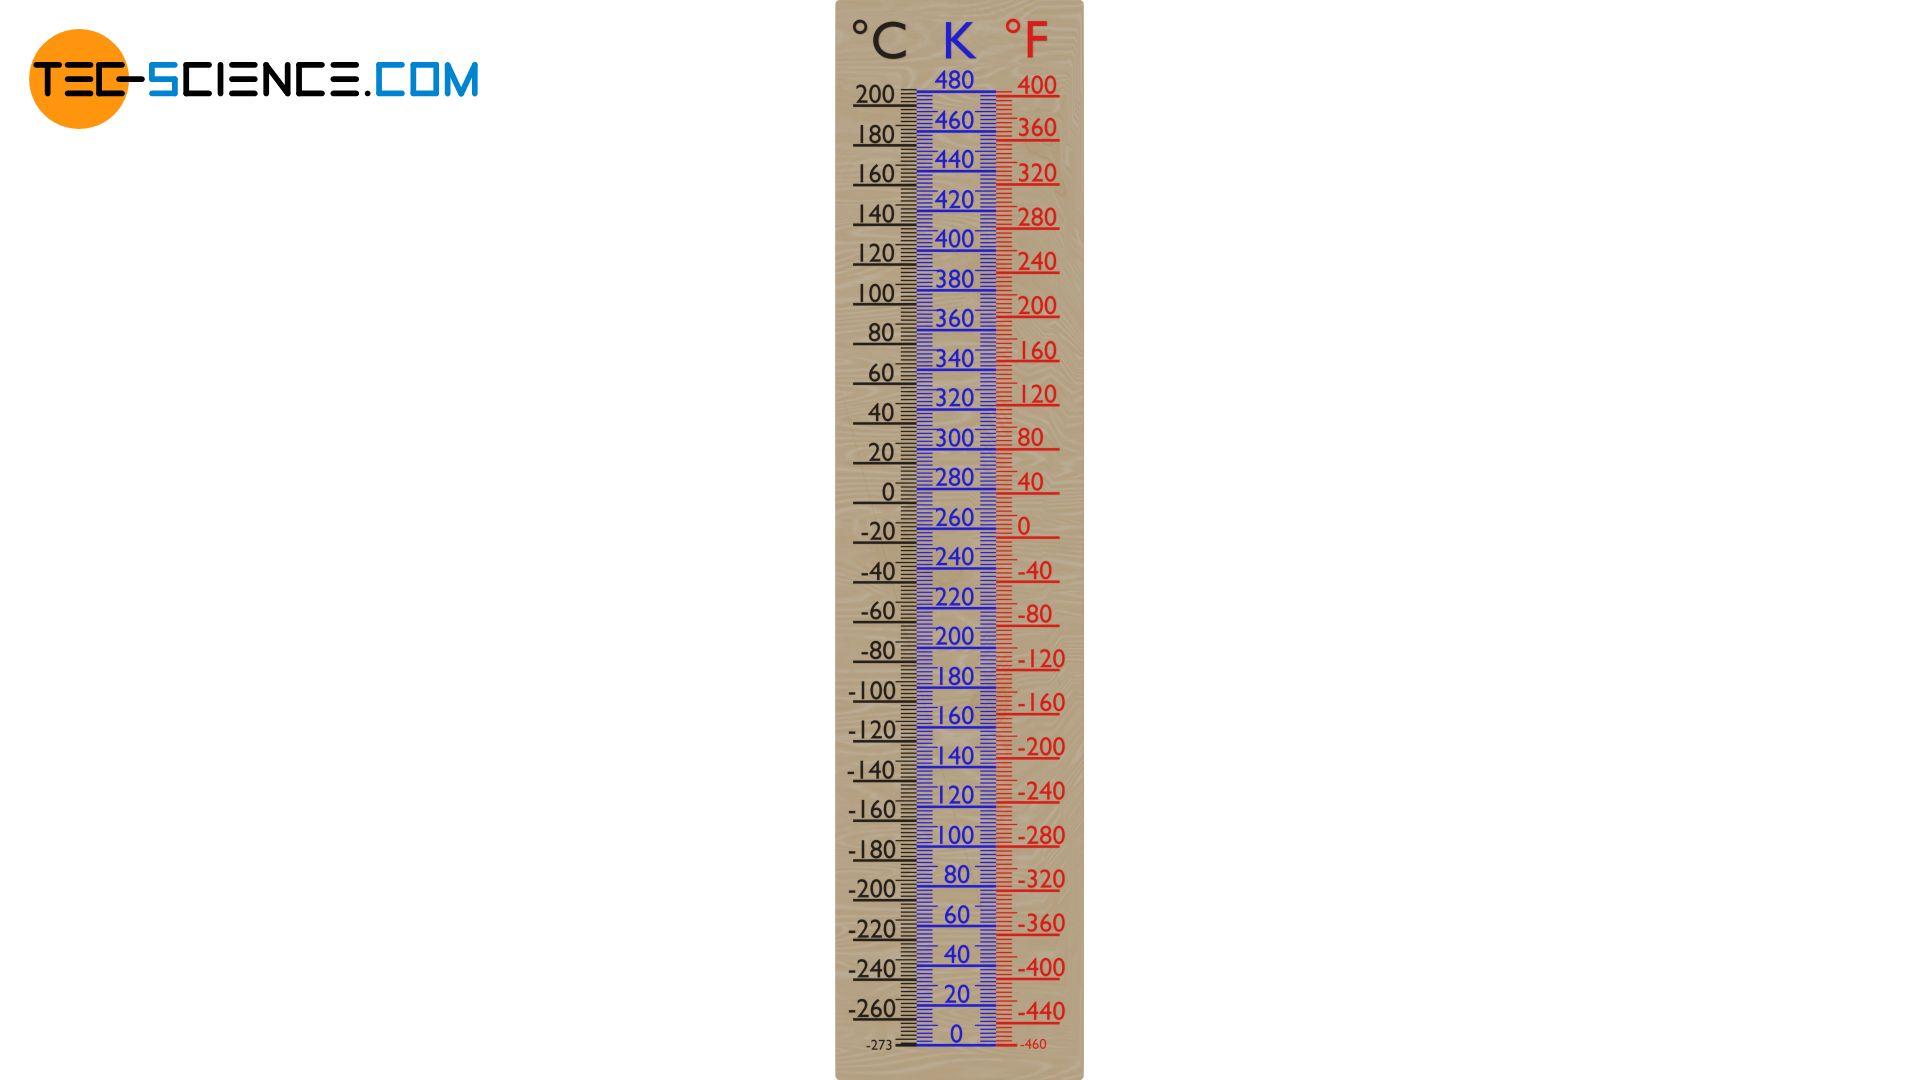 Celsius-, Kelvin- und Fahrenheit-Skala im Vergleich